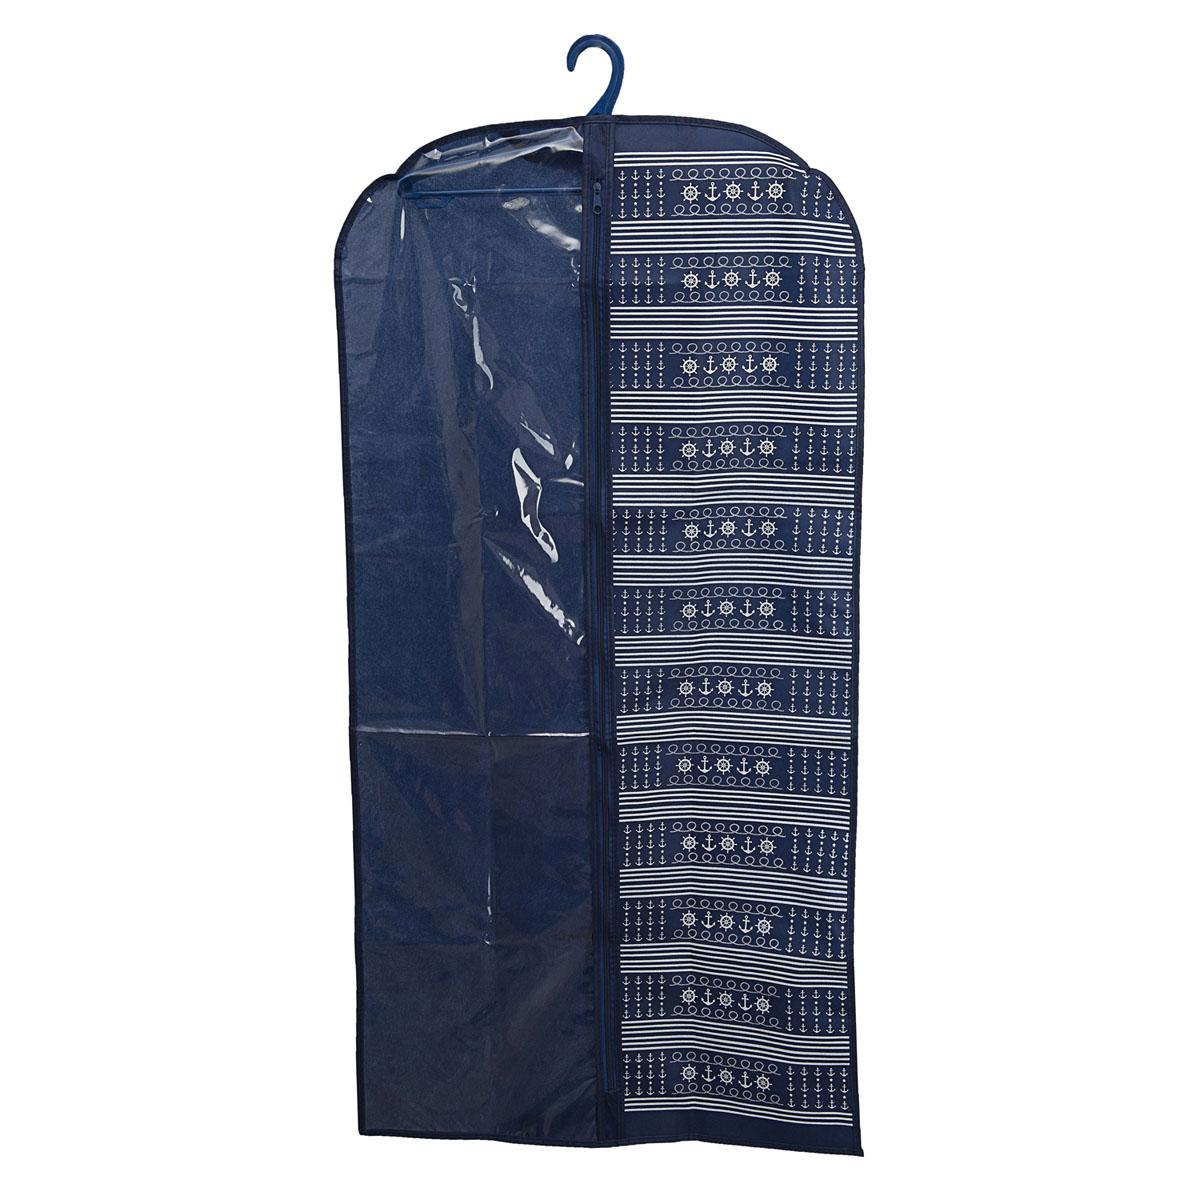 Чехол для одежды Homsu Ocean, подвесной, с прозрачной вставкой, 120 х 60 смHOM-228Подвесной чехол для одежды Homsu Ocean на застежке-молнии выполнен из высококачественного нетканого материала. Чехол снабжен прозрачной вставкой из ПВХ, что позволяет легко просматривать содержимое. Изделие подходит для длительного хранения вещей.Чехол обеспечит вашей одежде надежную защиту от влажности, повреждений и грязи при транспортировке, от запыления при хранении и проникновения моли. Чехол позволяет воздуху свободно поступать внутрь вещей, обеспечивая их кондиционирование. Это особенно важно при хранении кожаных и меховых изделий.Чехол для одежды Homsu Ocean создаст уютную атмосферу в гардеробе. Лаконичный дизайн придется по вкусу ценительницам эстетичного хранения и сделают вашу гардеробную изысканной и невероятно стильной.Размер чехла: 120 х 60 см.